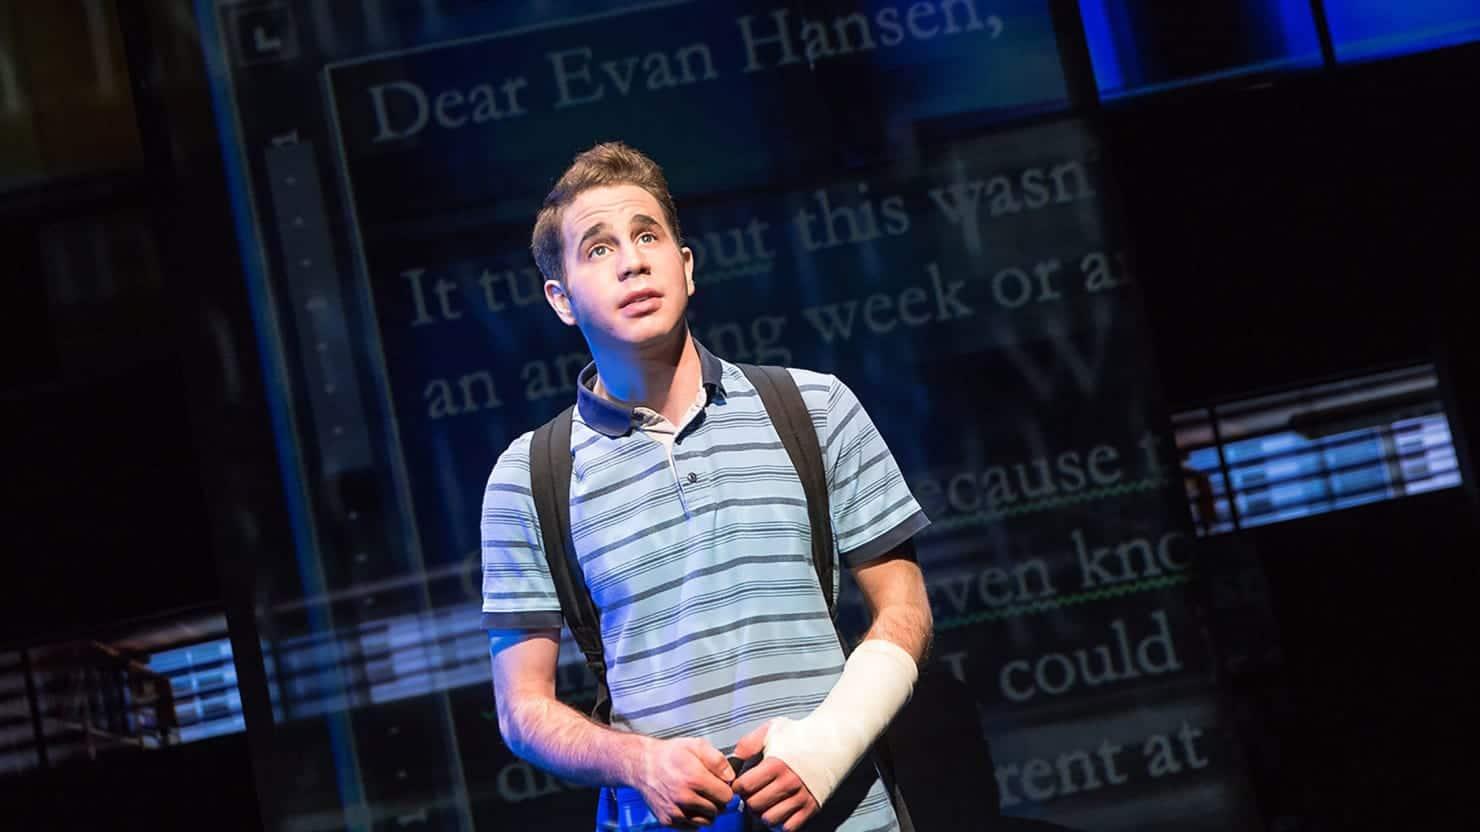 FAQ Dear Evan Hansen : ce que vous devez savoir sur la comédie musicale à New York